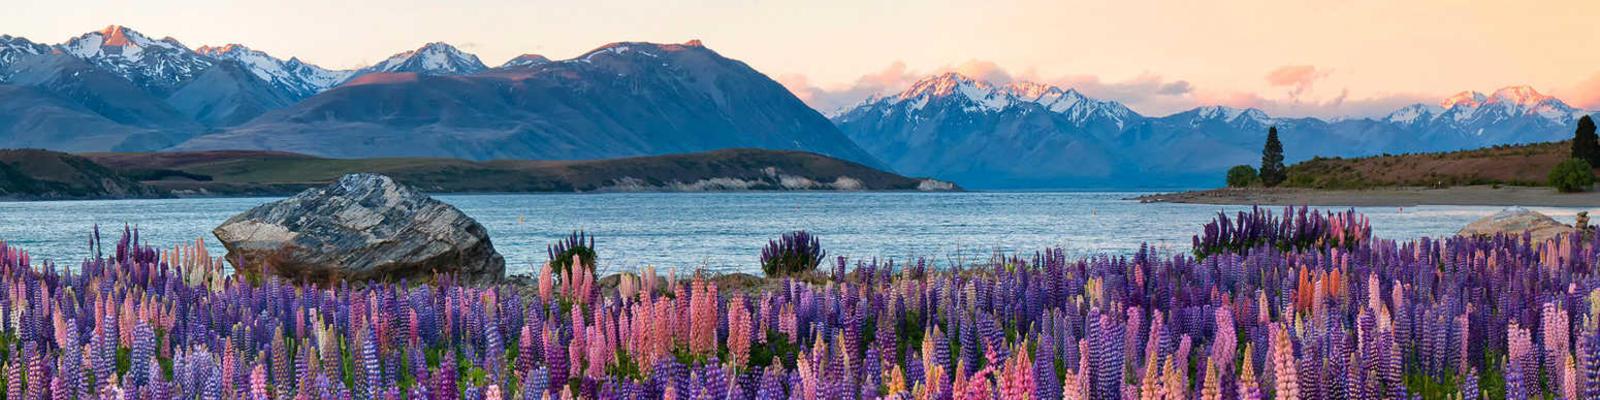 Lupins by Lake Tekapo, New Zealand.